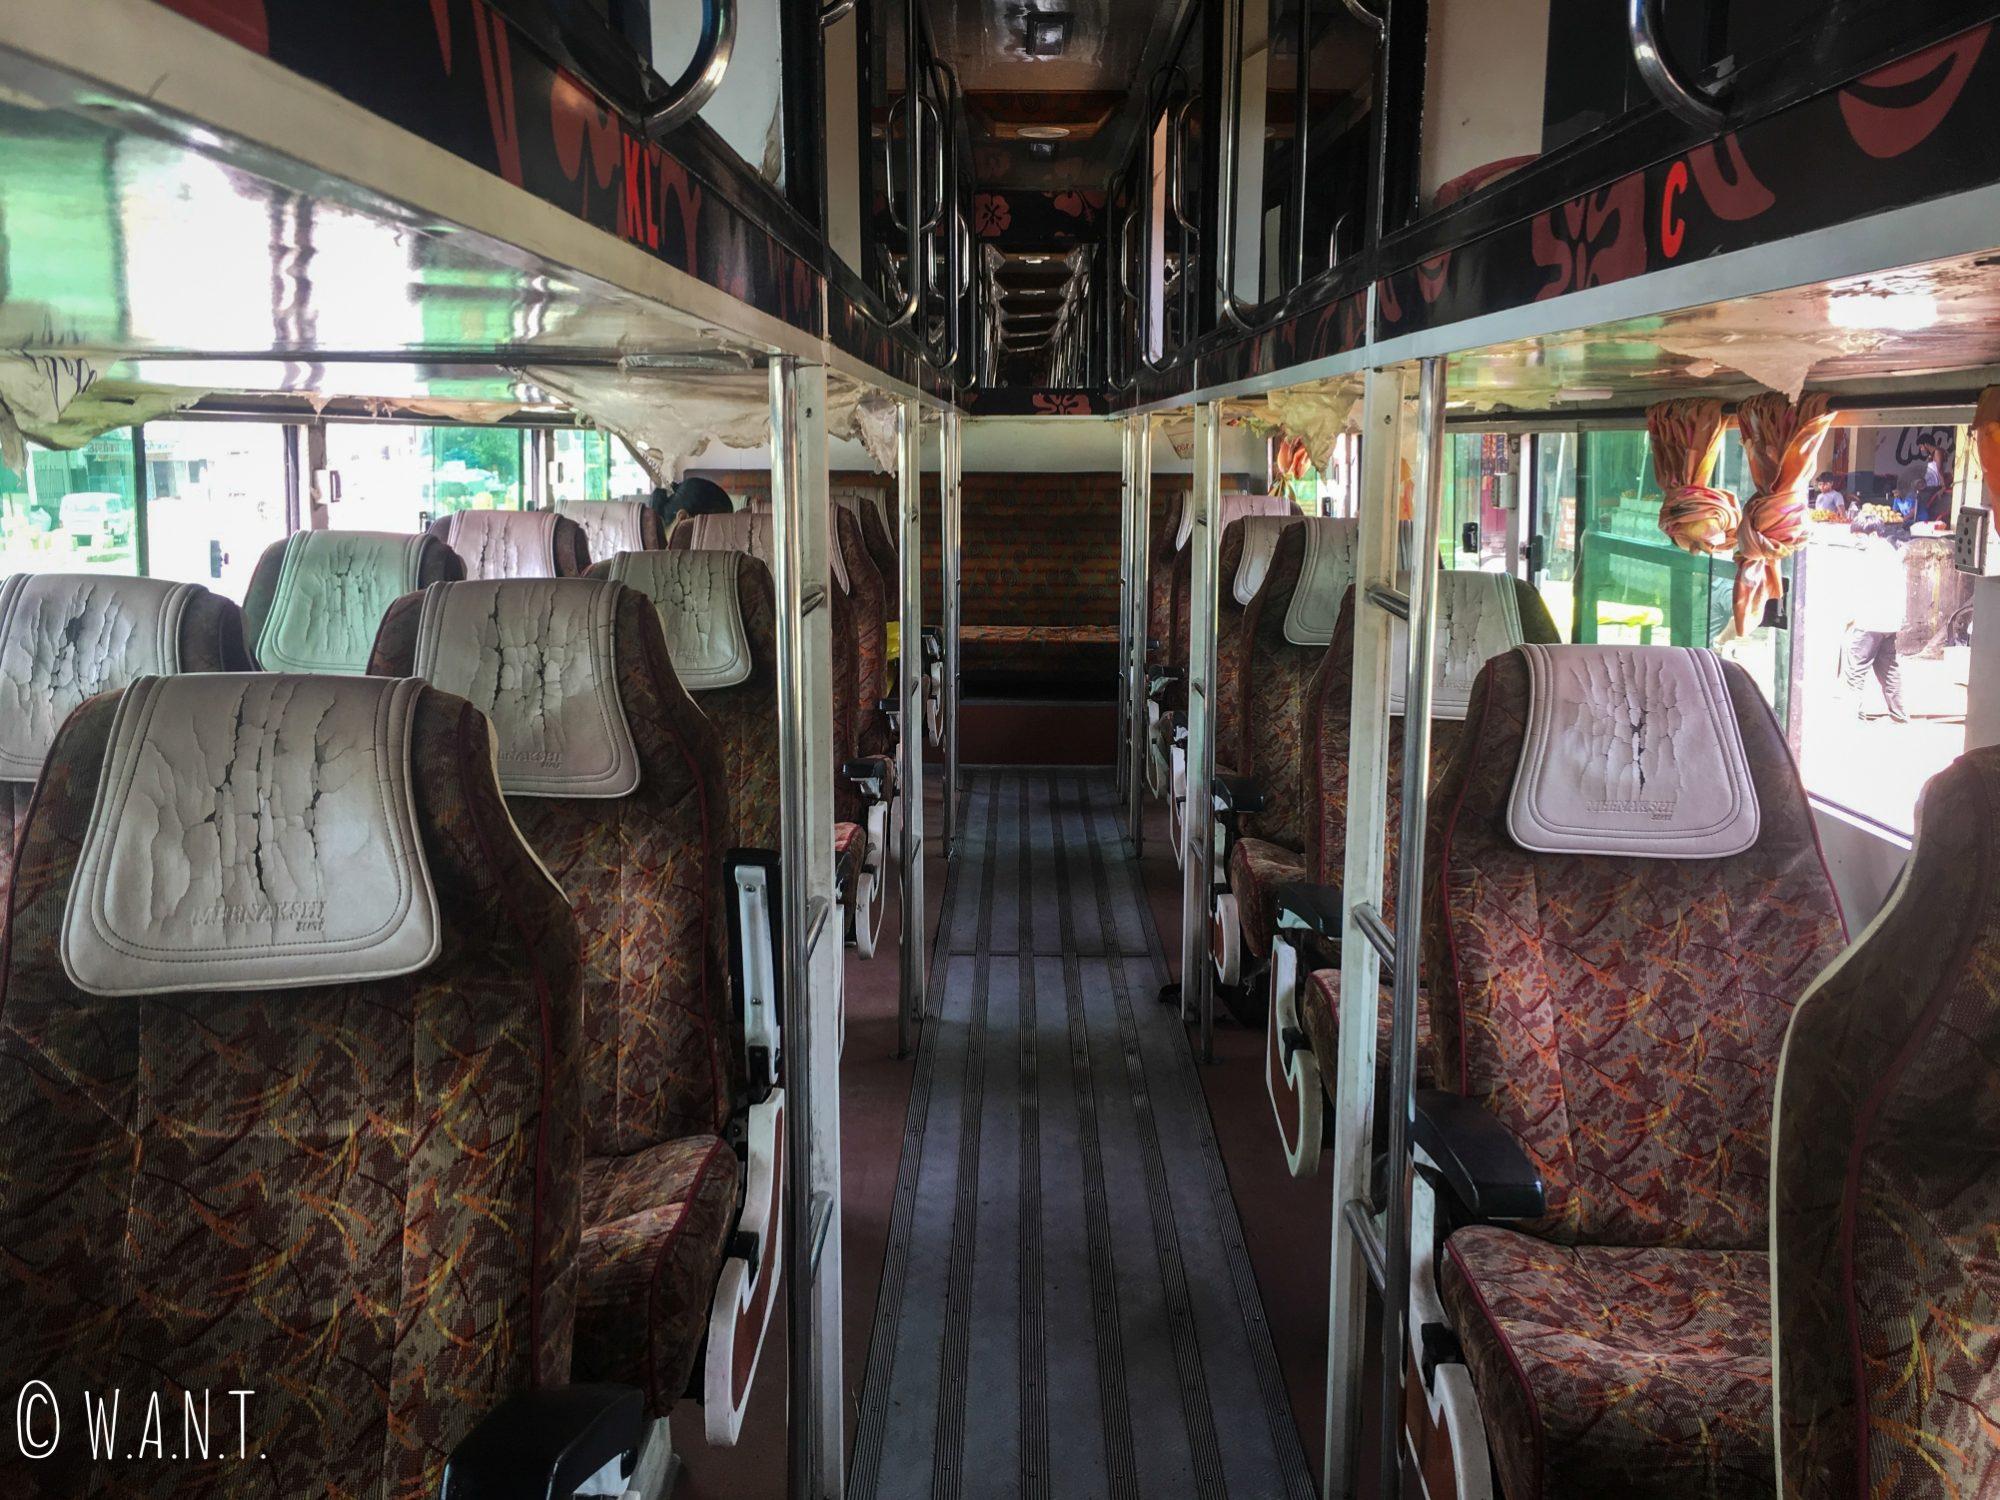 Dans les bus indiens non-climatisés, il y a des places assises ainsi que des couchettes